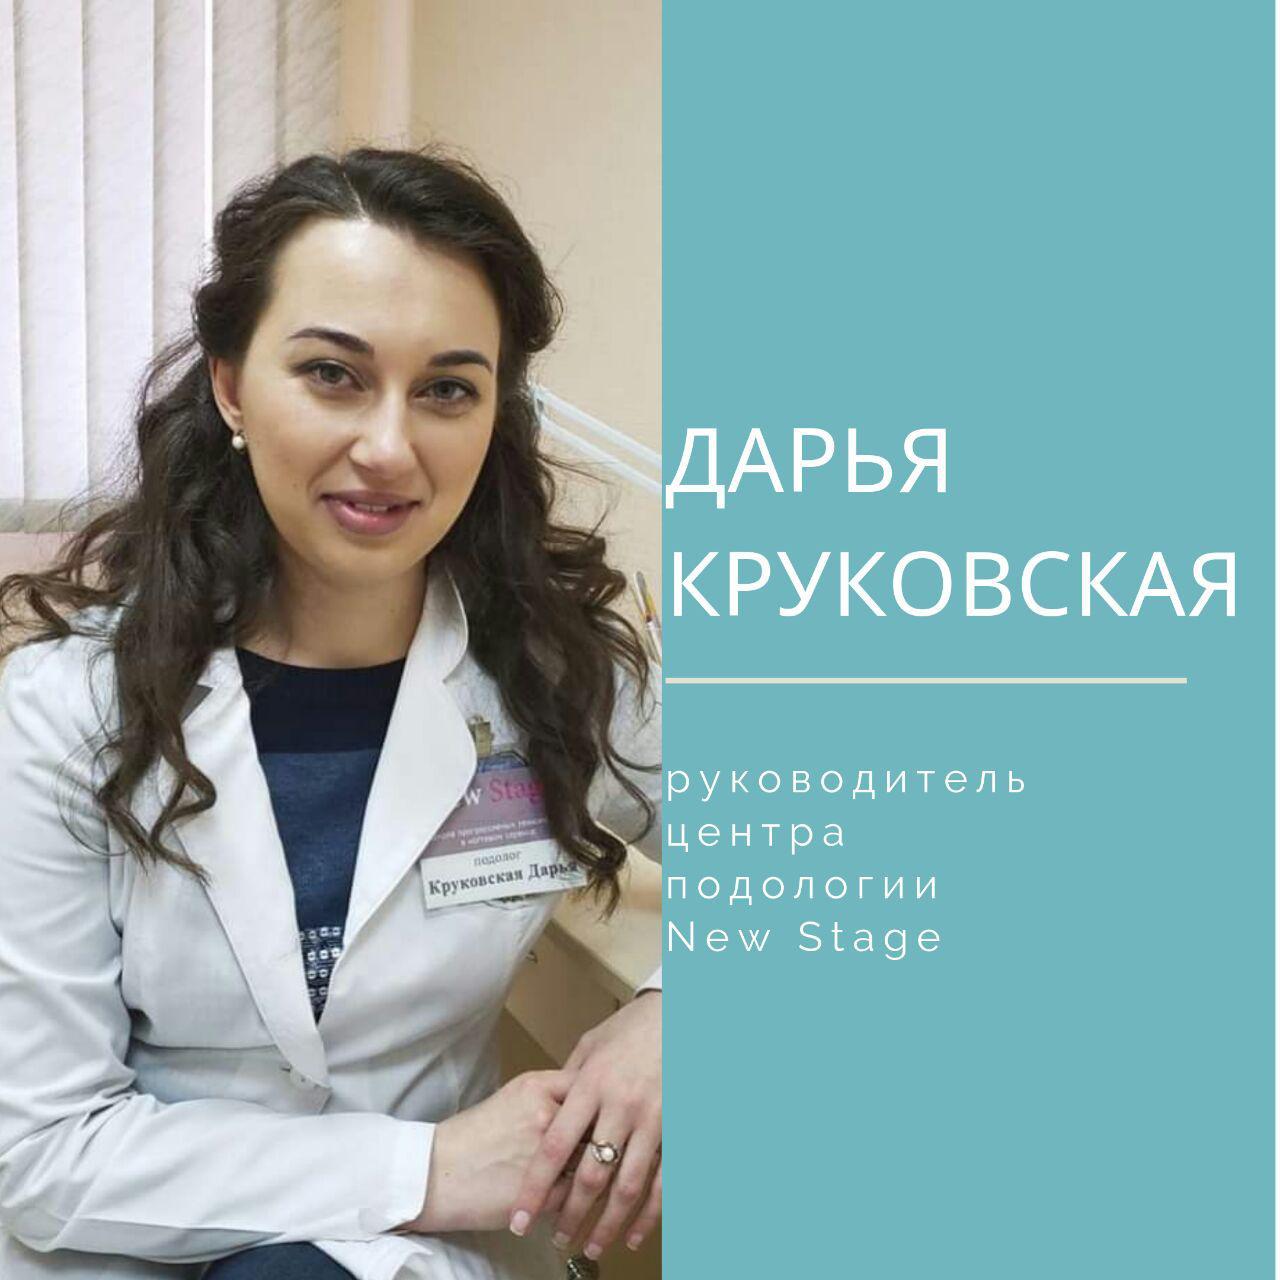 Круковская Дарья